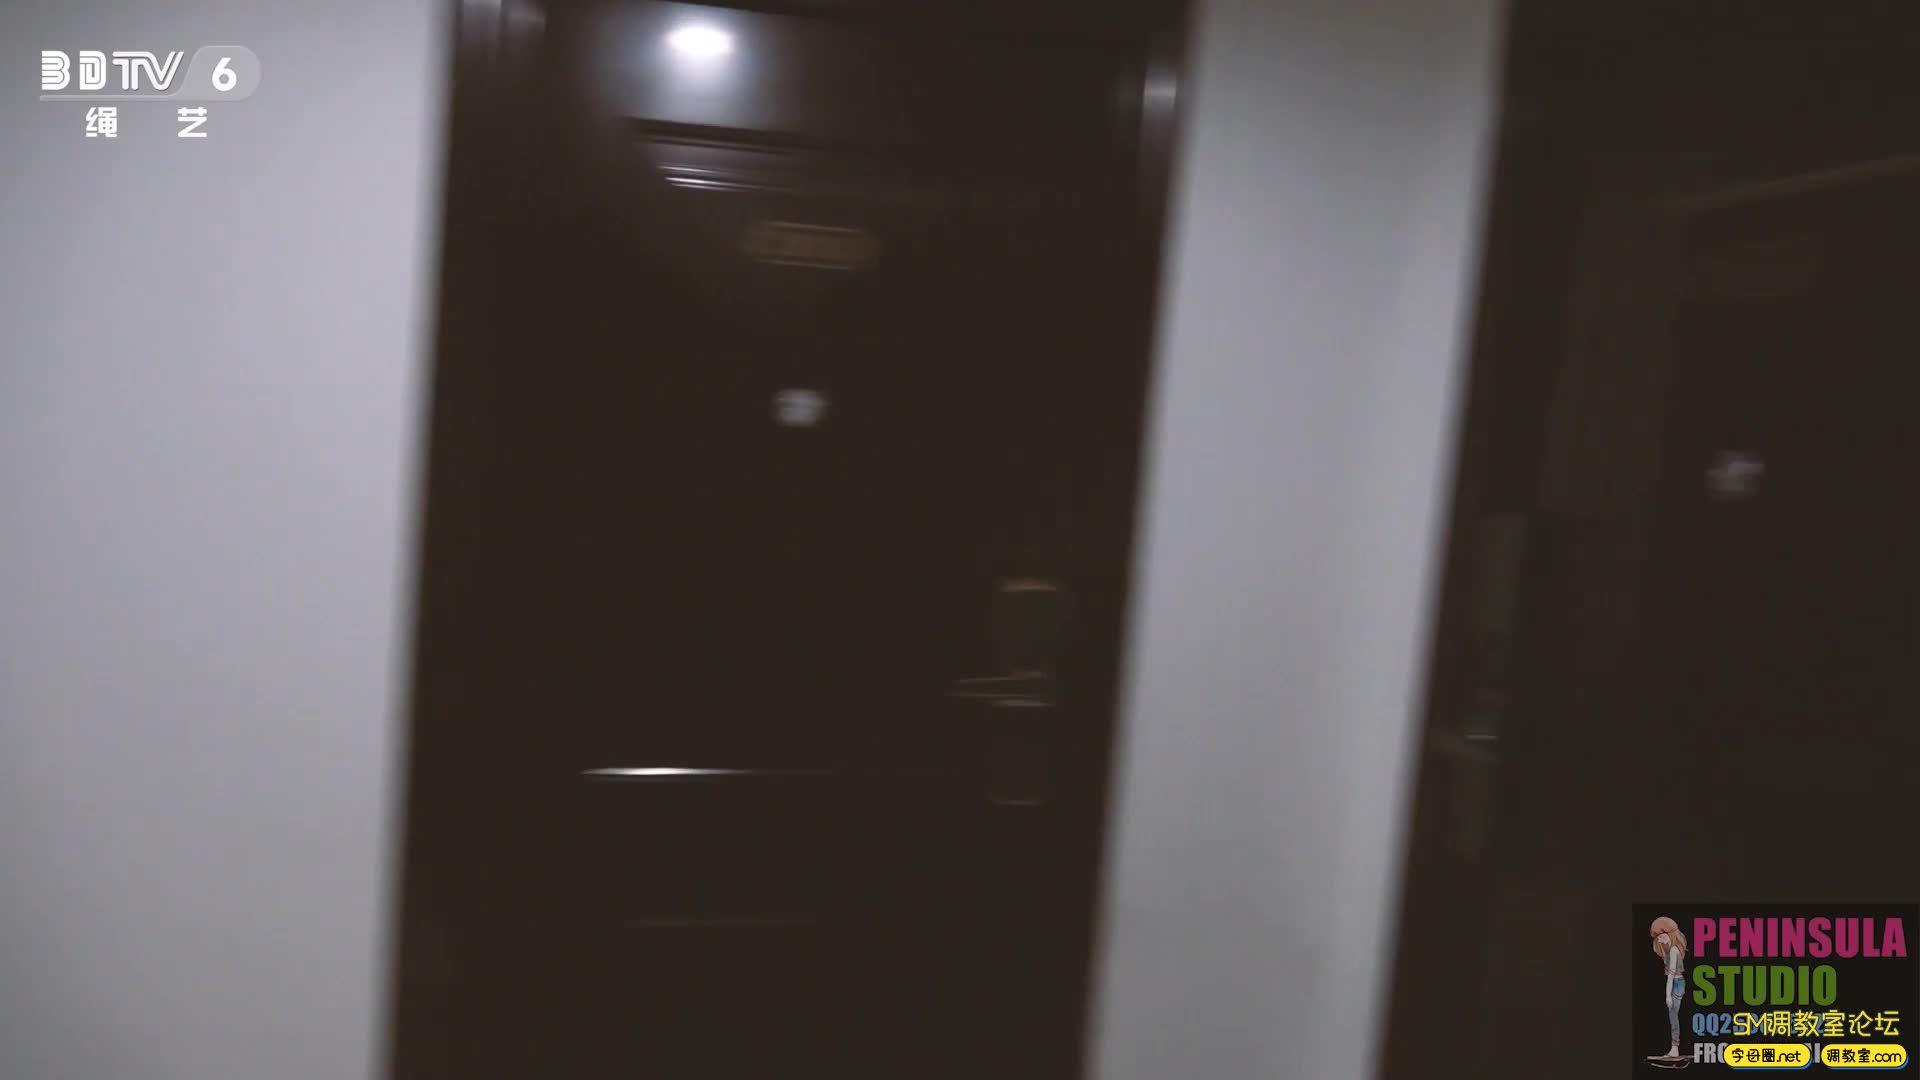 半岛束艺台_一直逃,逃啊逃,逃到没有尽头 海语-视频截图1